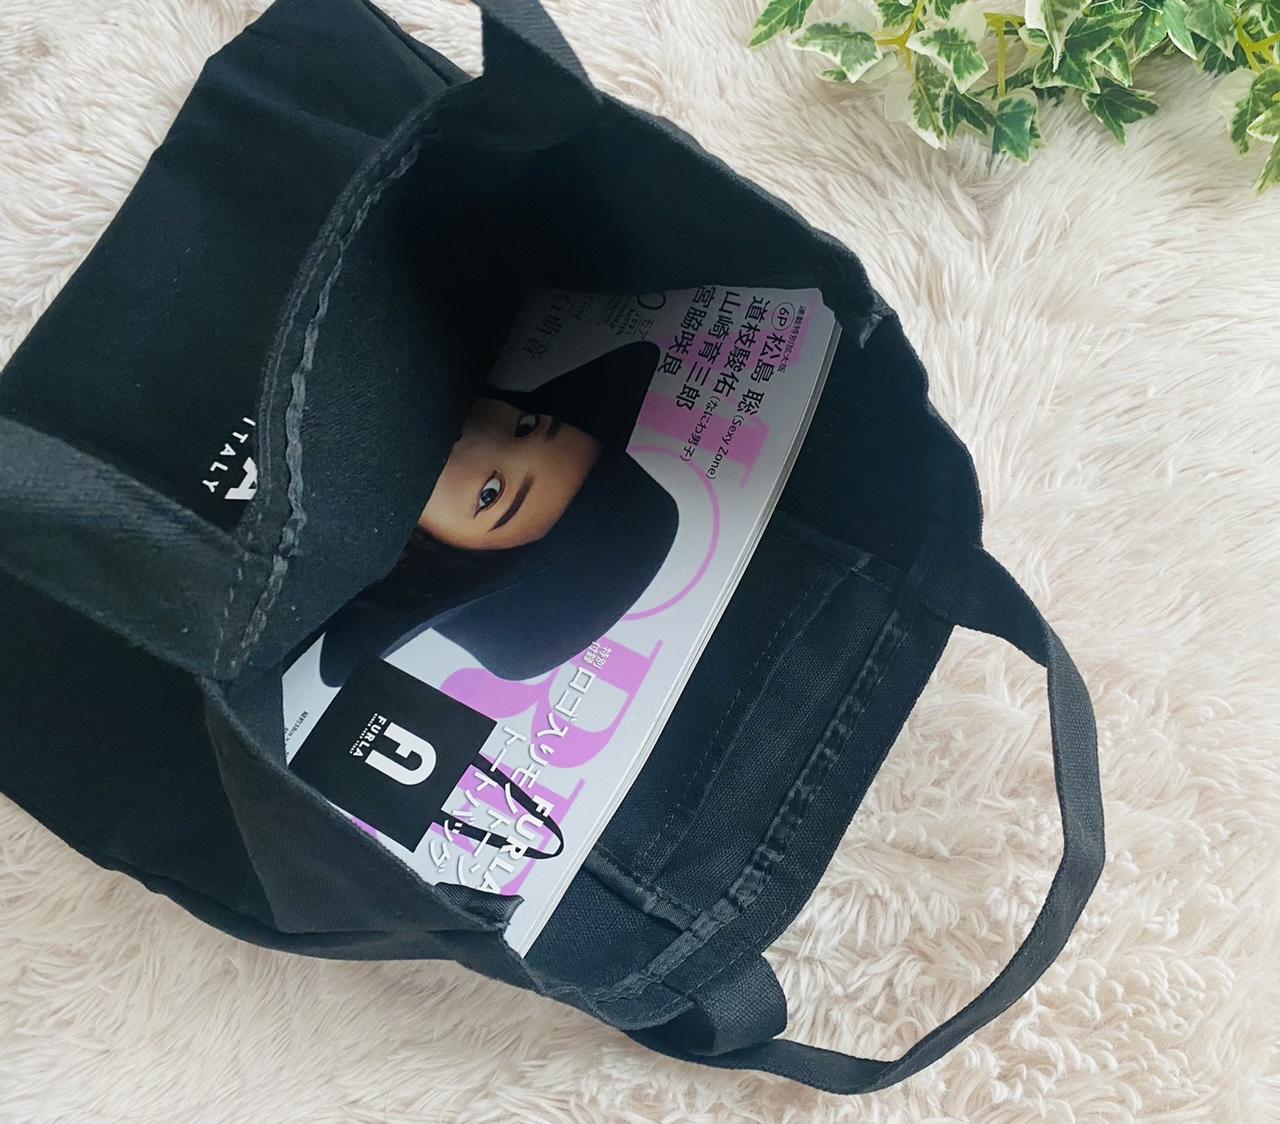 【MORE10月号】今月買うべき神付録!《FURLA》ロゴ入りモノトーントートバッグがお洒落すぎ♡_3